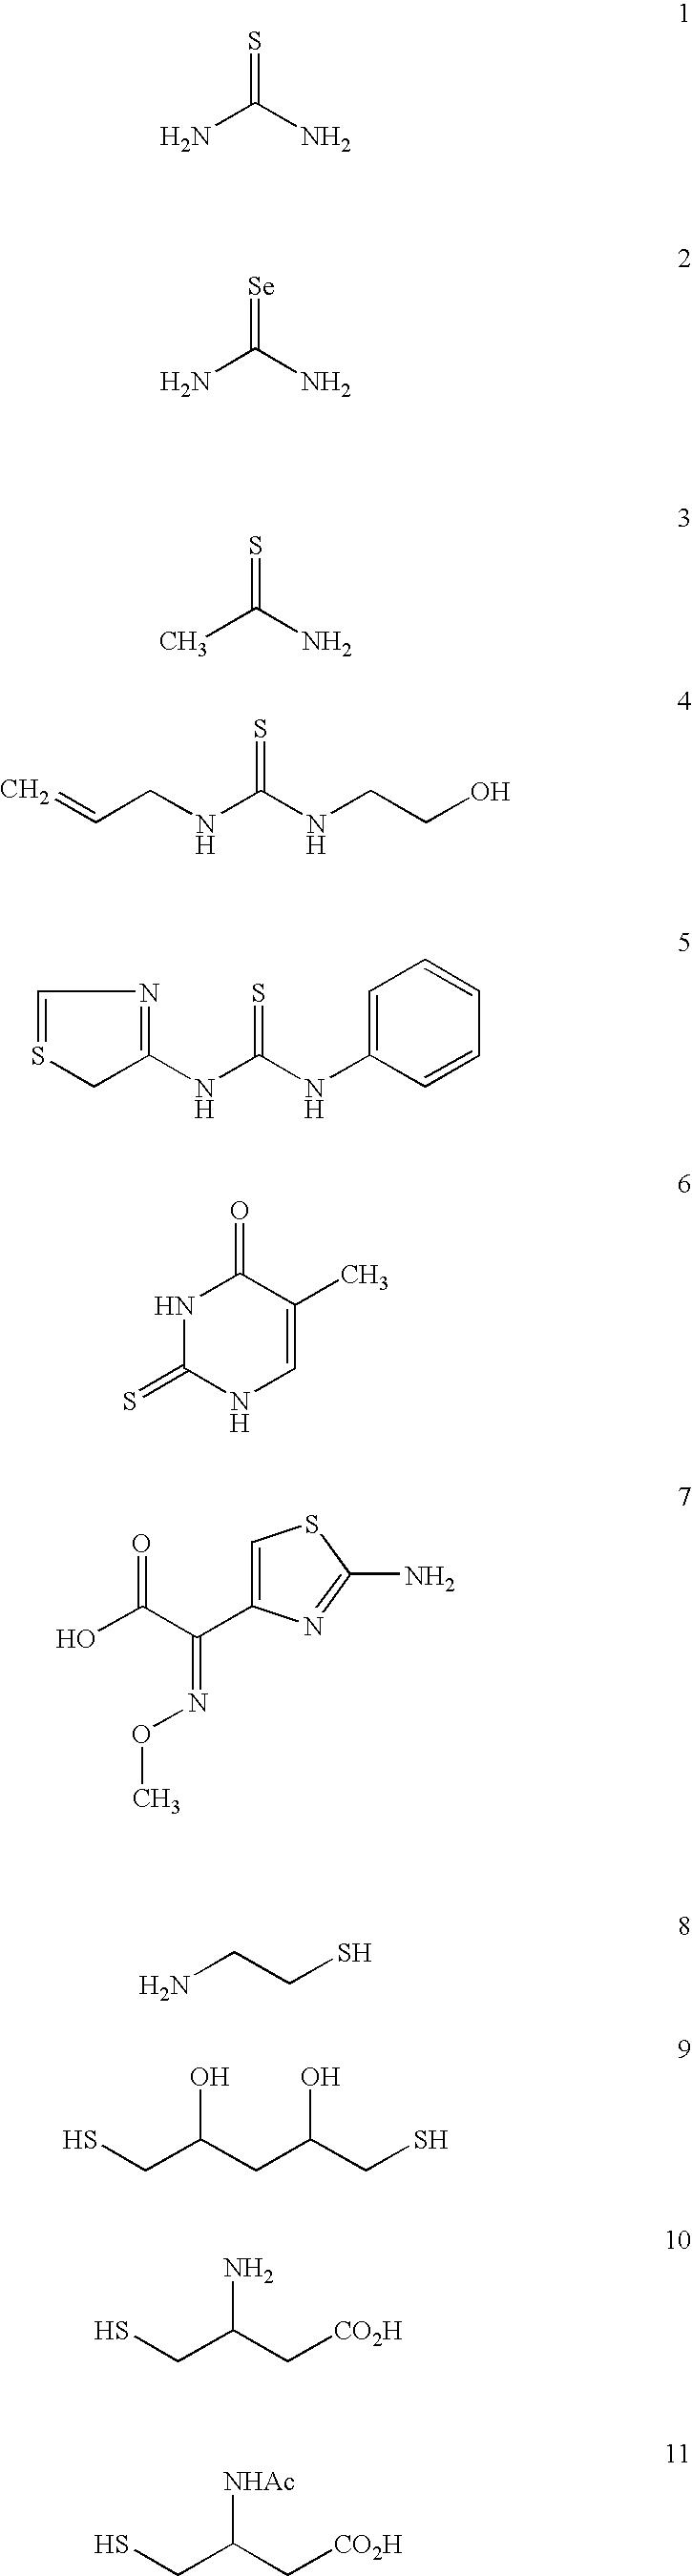 Figure US07118878-20061010-C00006